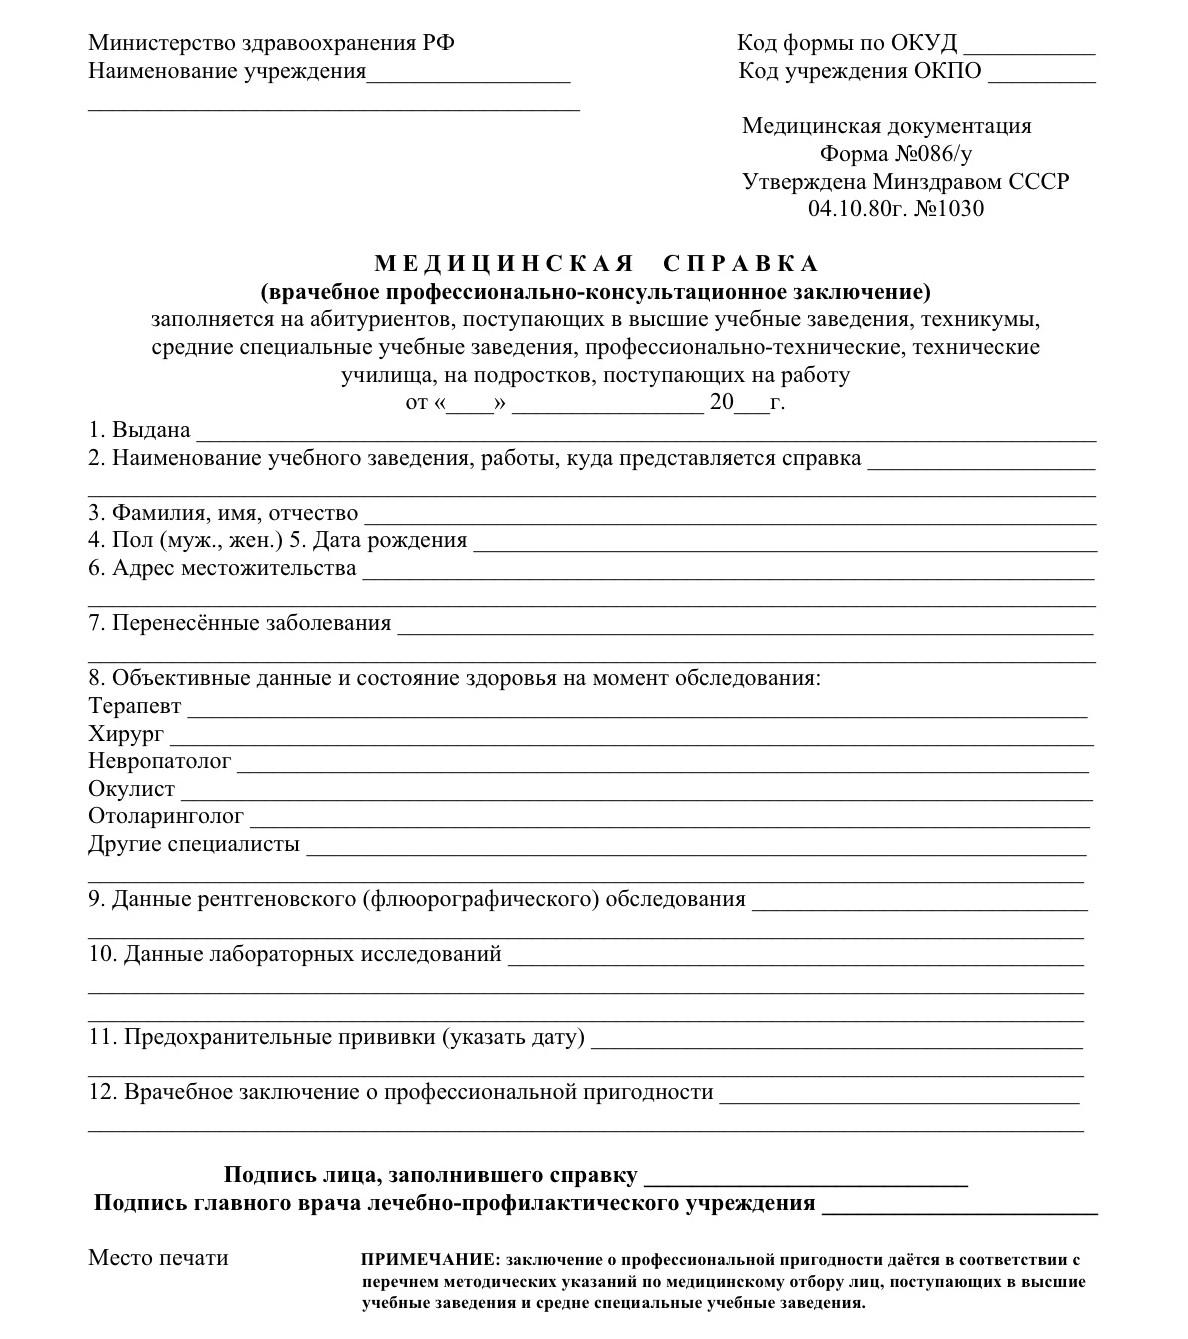 Медицинская справка. Форма 086/у | образец бланк форма 2019.